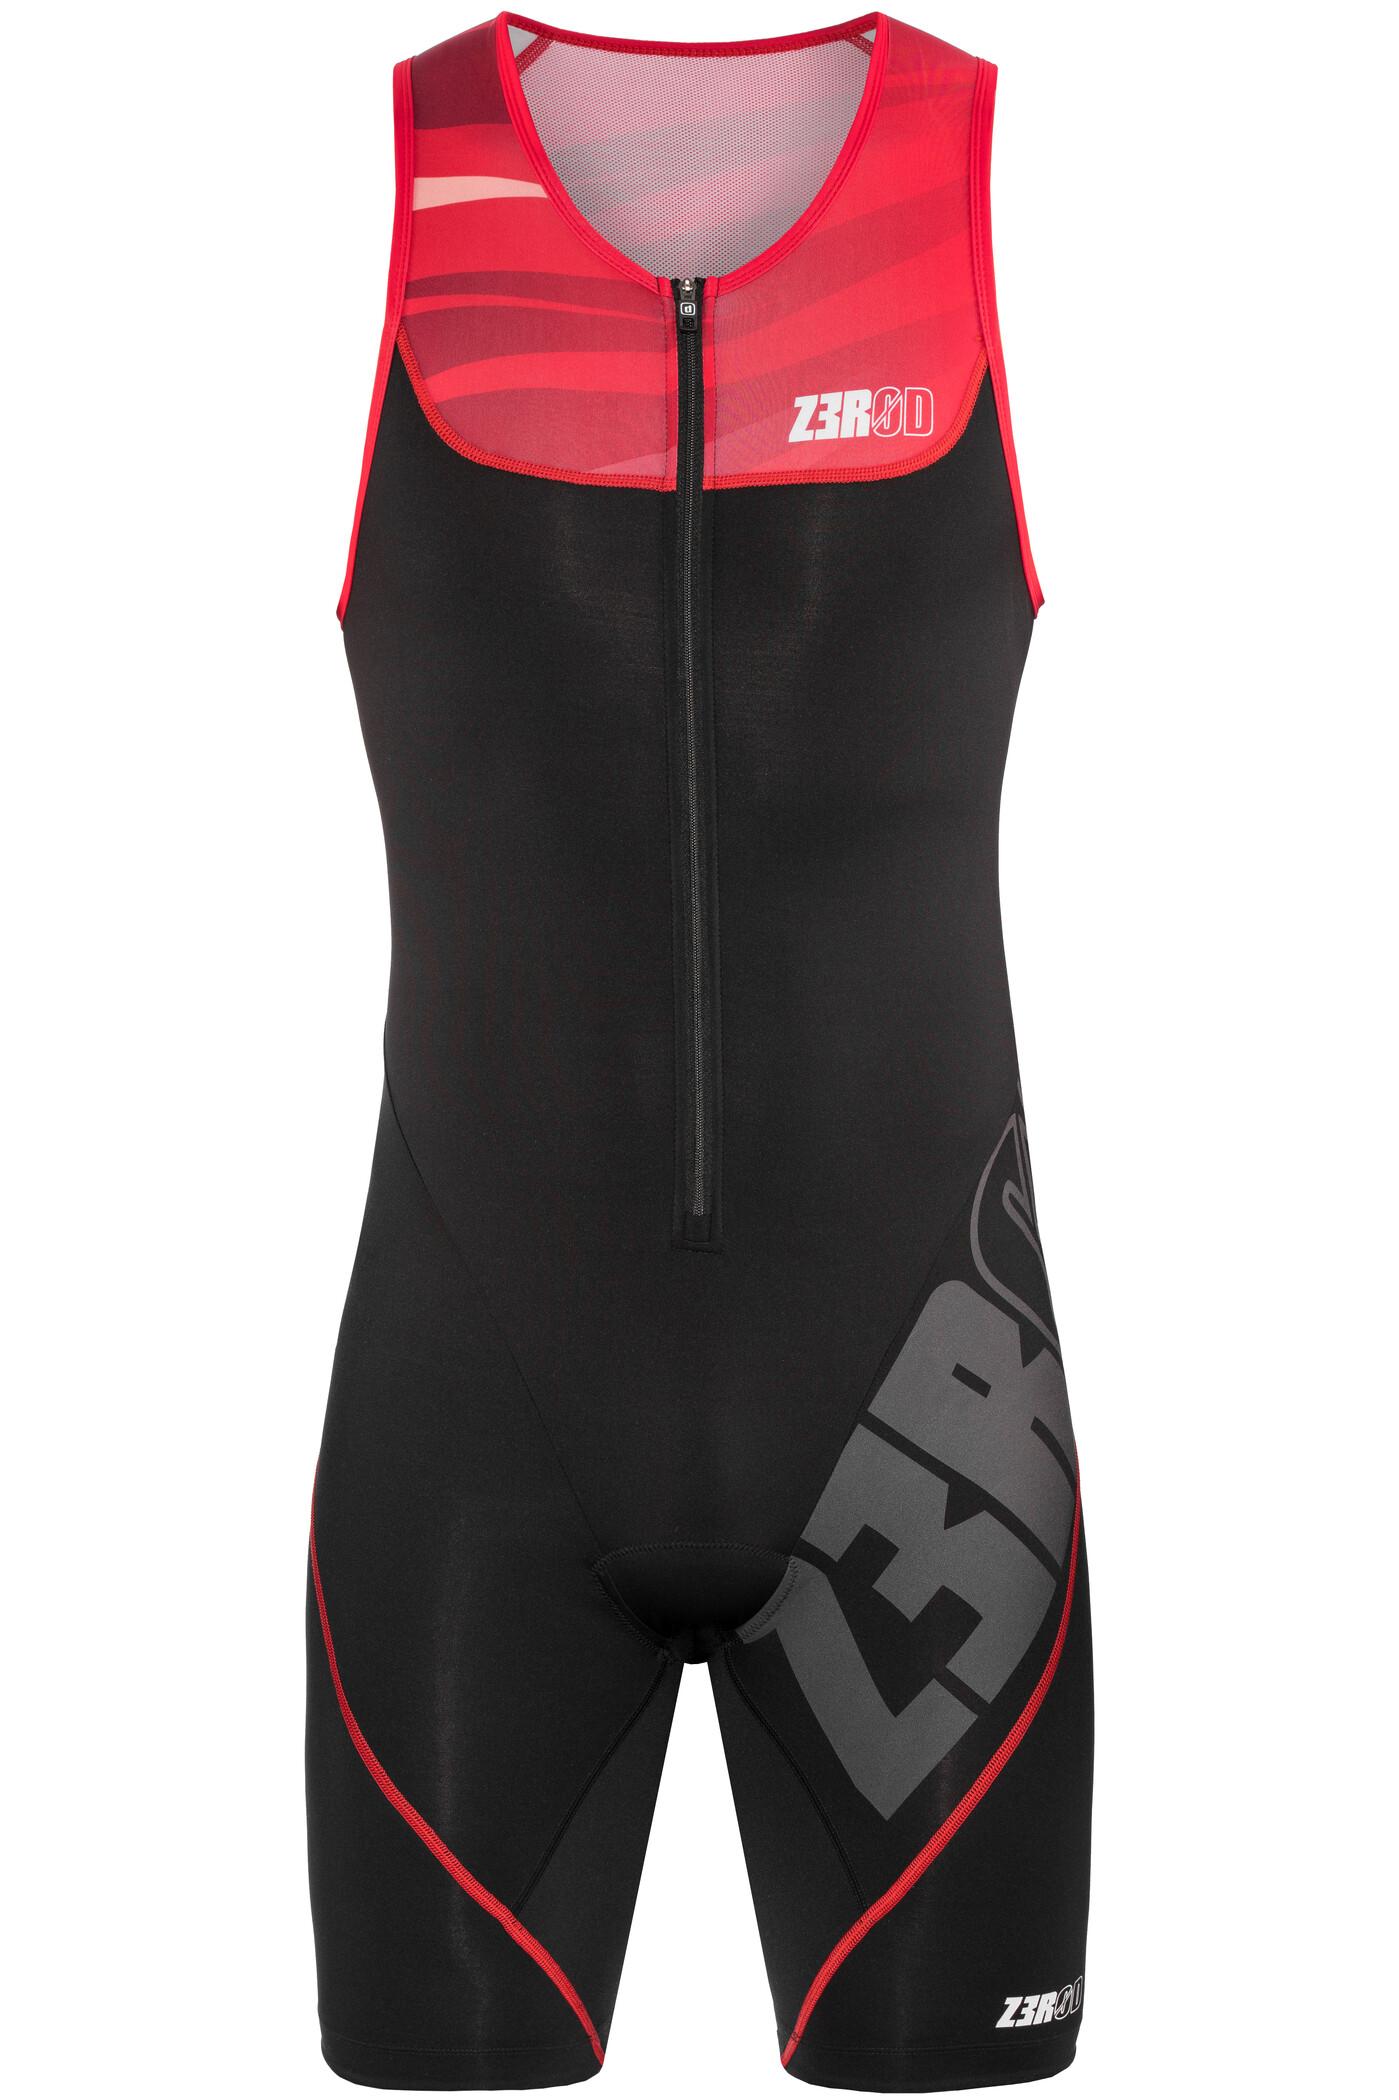 Z3R0D Start Triatlondragt Herrer, armada black/red | Svømmetøj og udstyr